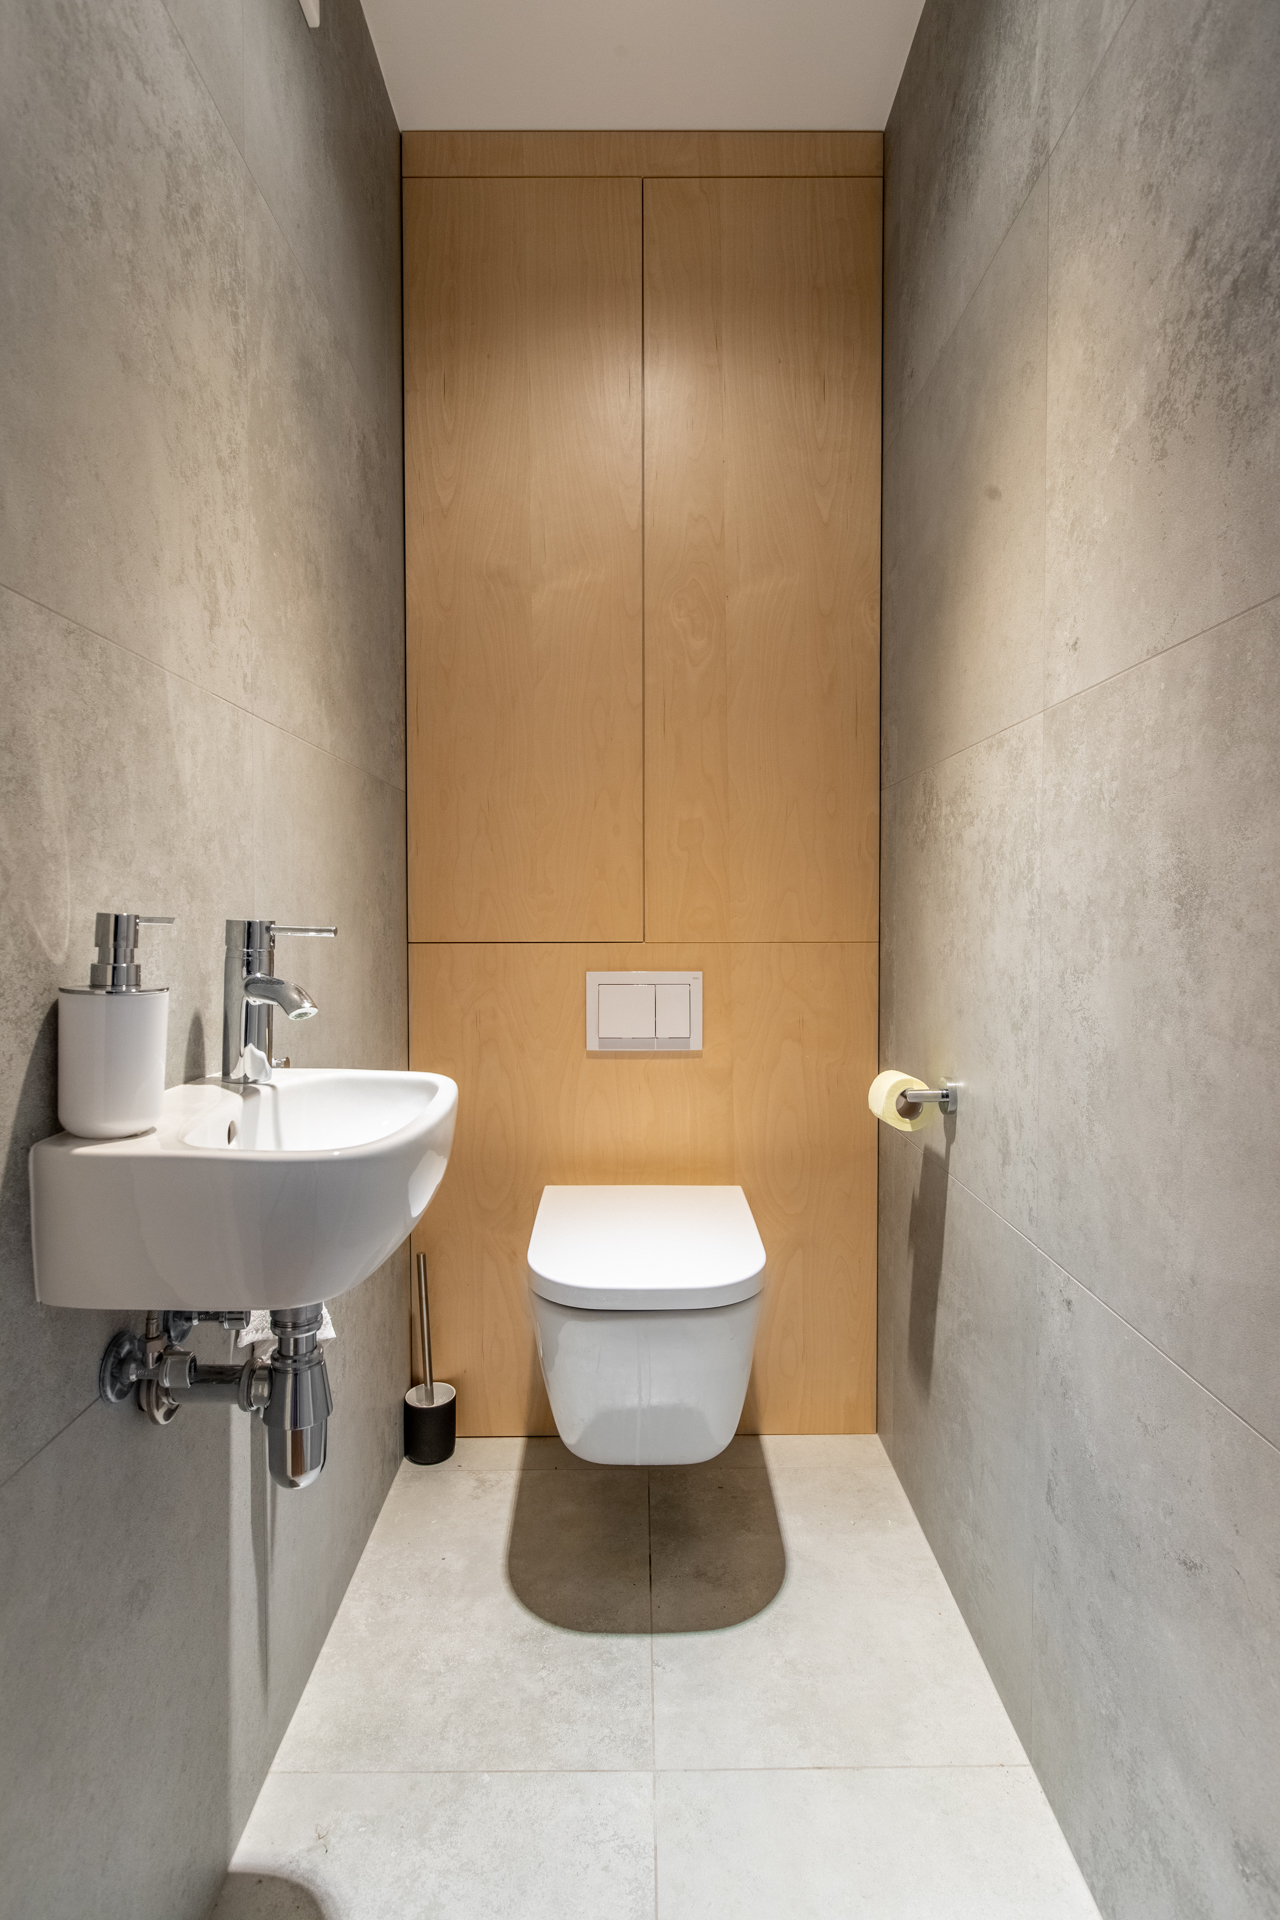 przechowywanie w łazience